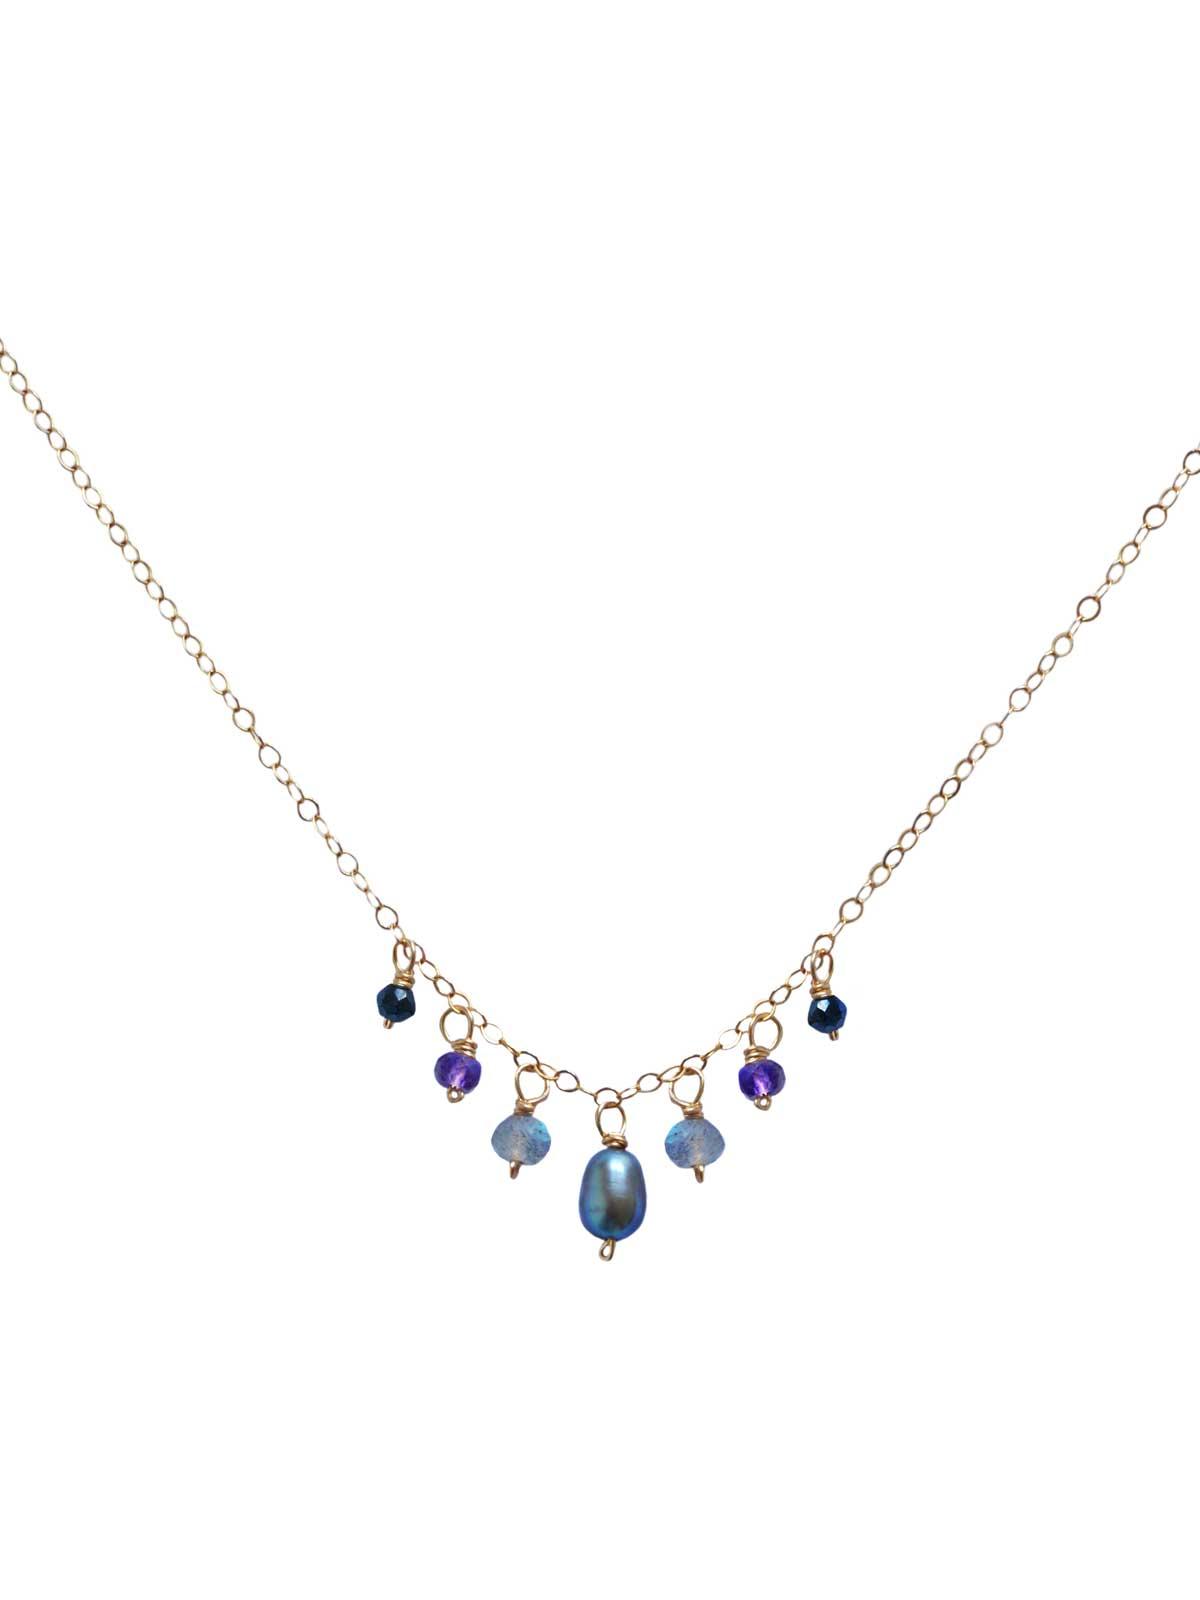 Collier chaîne Or 14 Carats Gold-filled Labradorite Spinelle Noir Améthystes perle d'eau douce grise